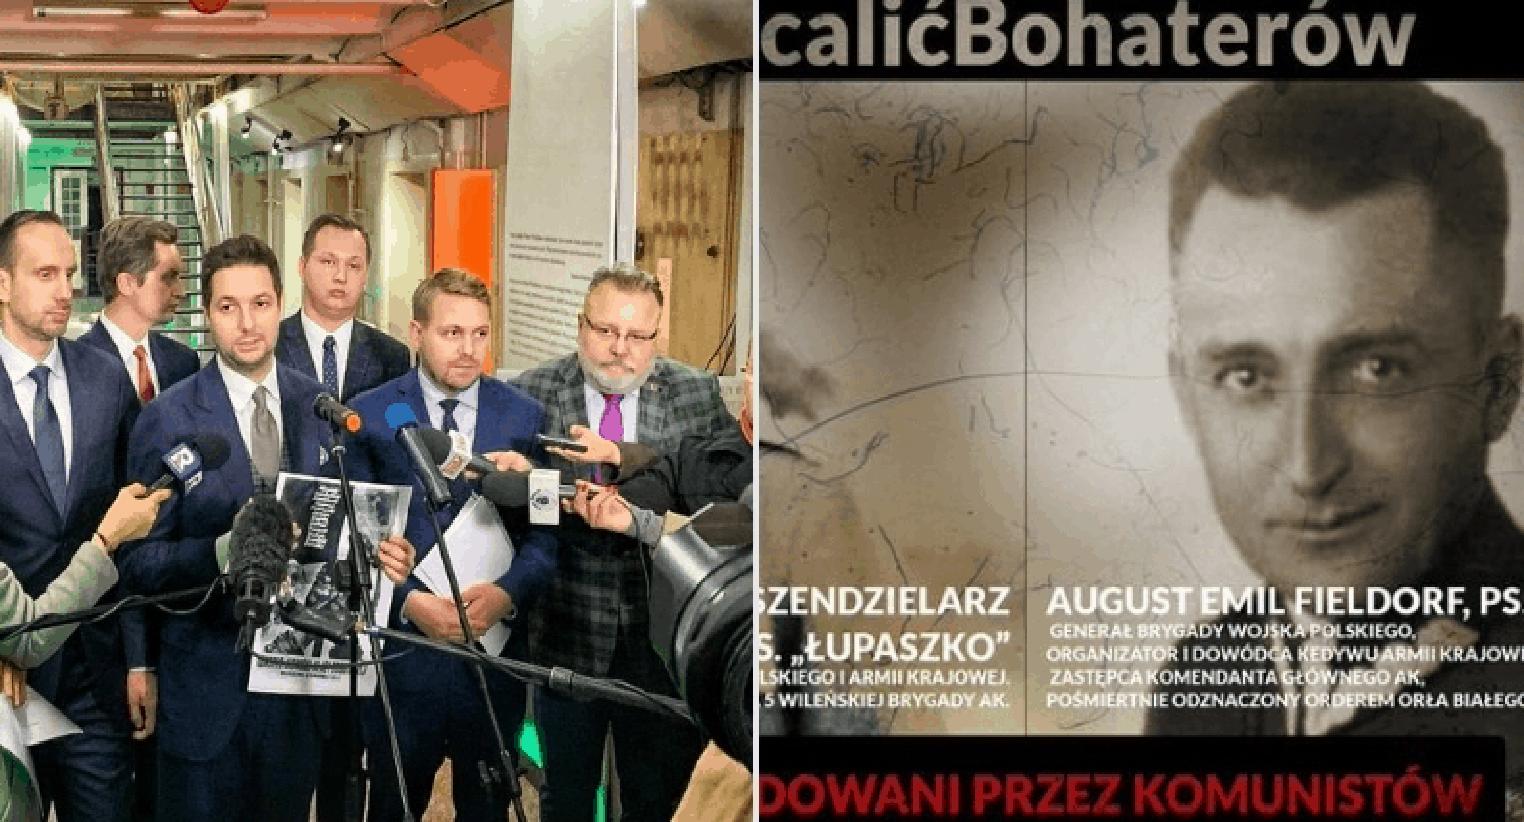 W poniedziałek w Warszawie europoseł partii Prawo i Sprawiedliwość (PiS) – Patryk Jaki poinformował o nowej akcji #OcalicBohaterow.